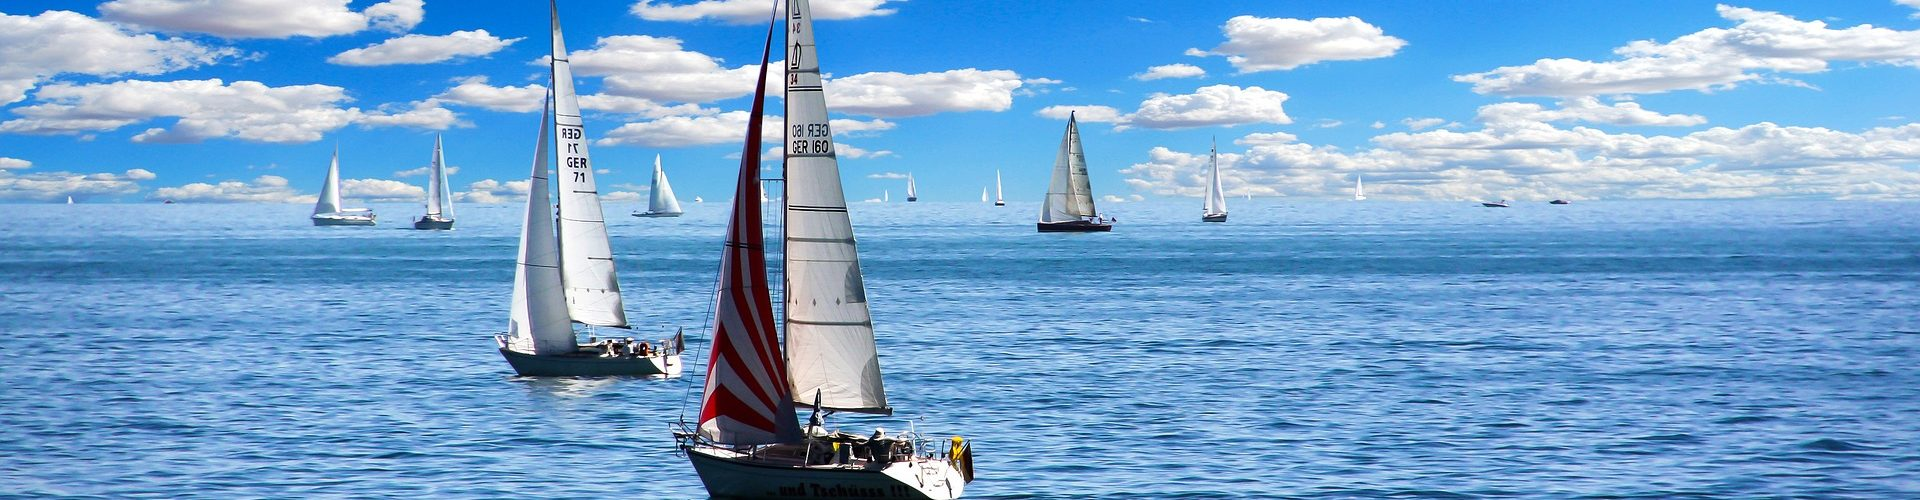 segeln lernen in Berching segelschein machen in Berching 1920x500 - Segeln lernen in Berching